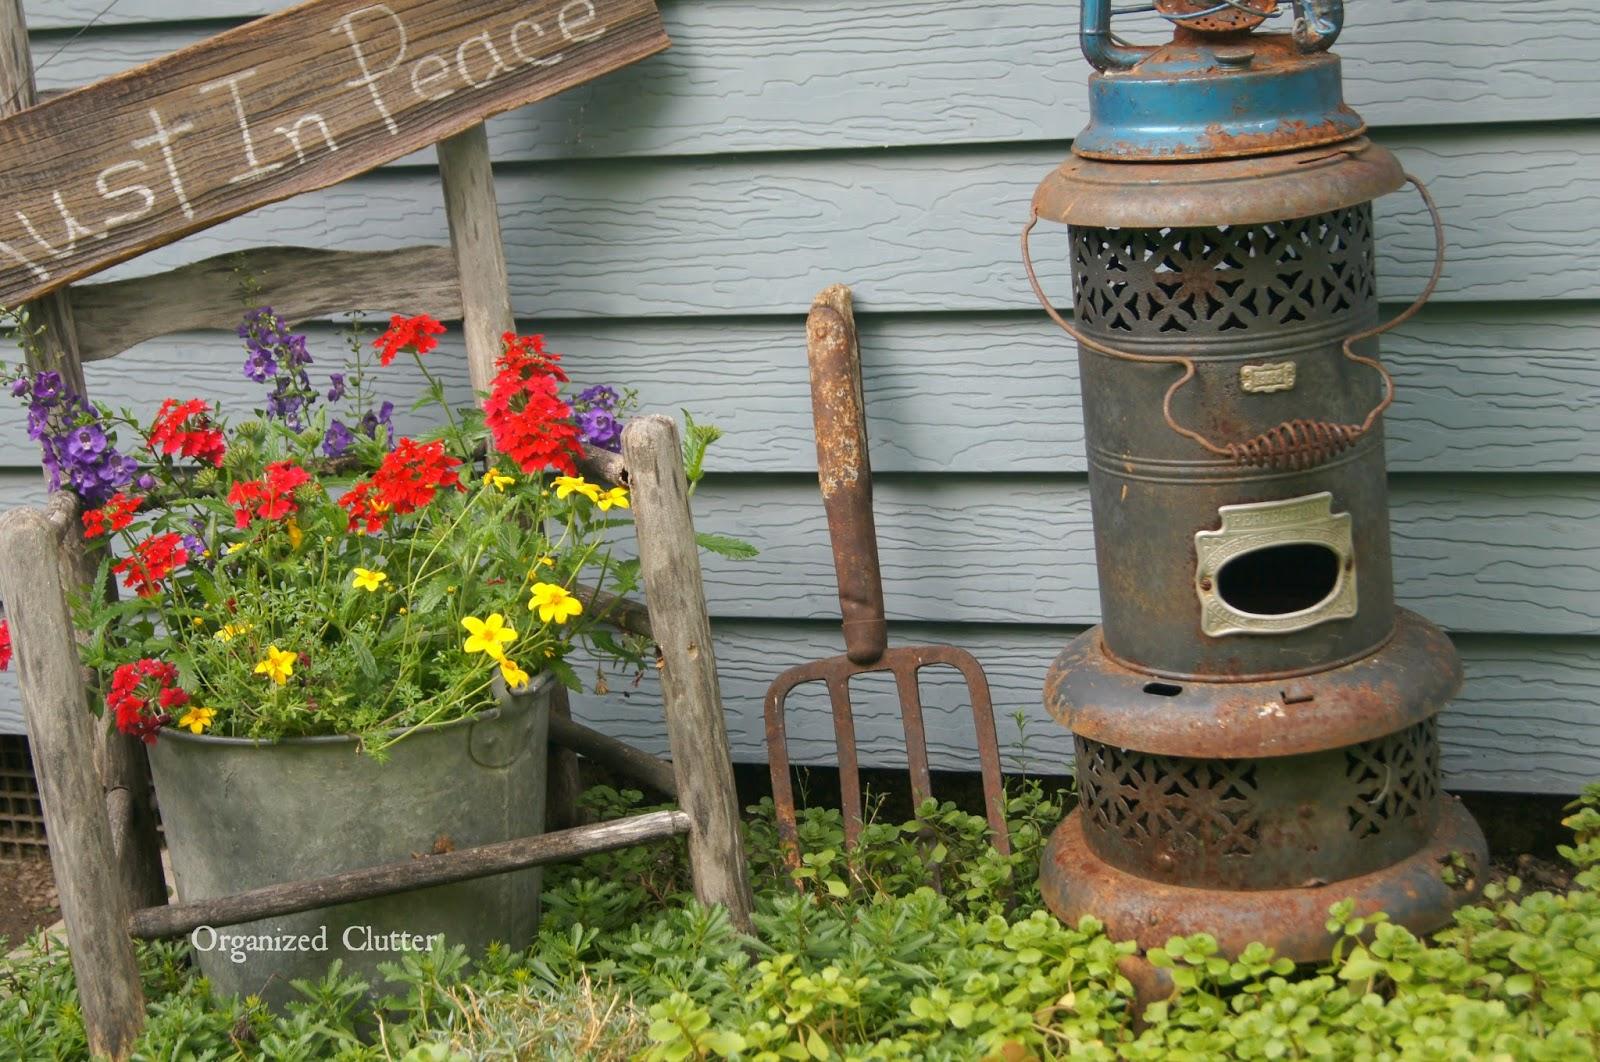 Broken Down Garden Junk www.organizedclutterqueen.blogspot.com